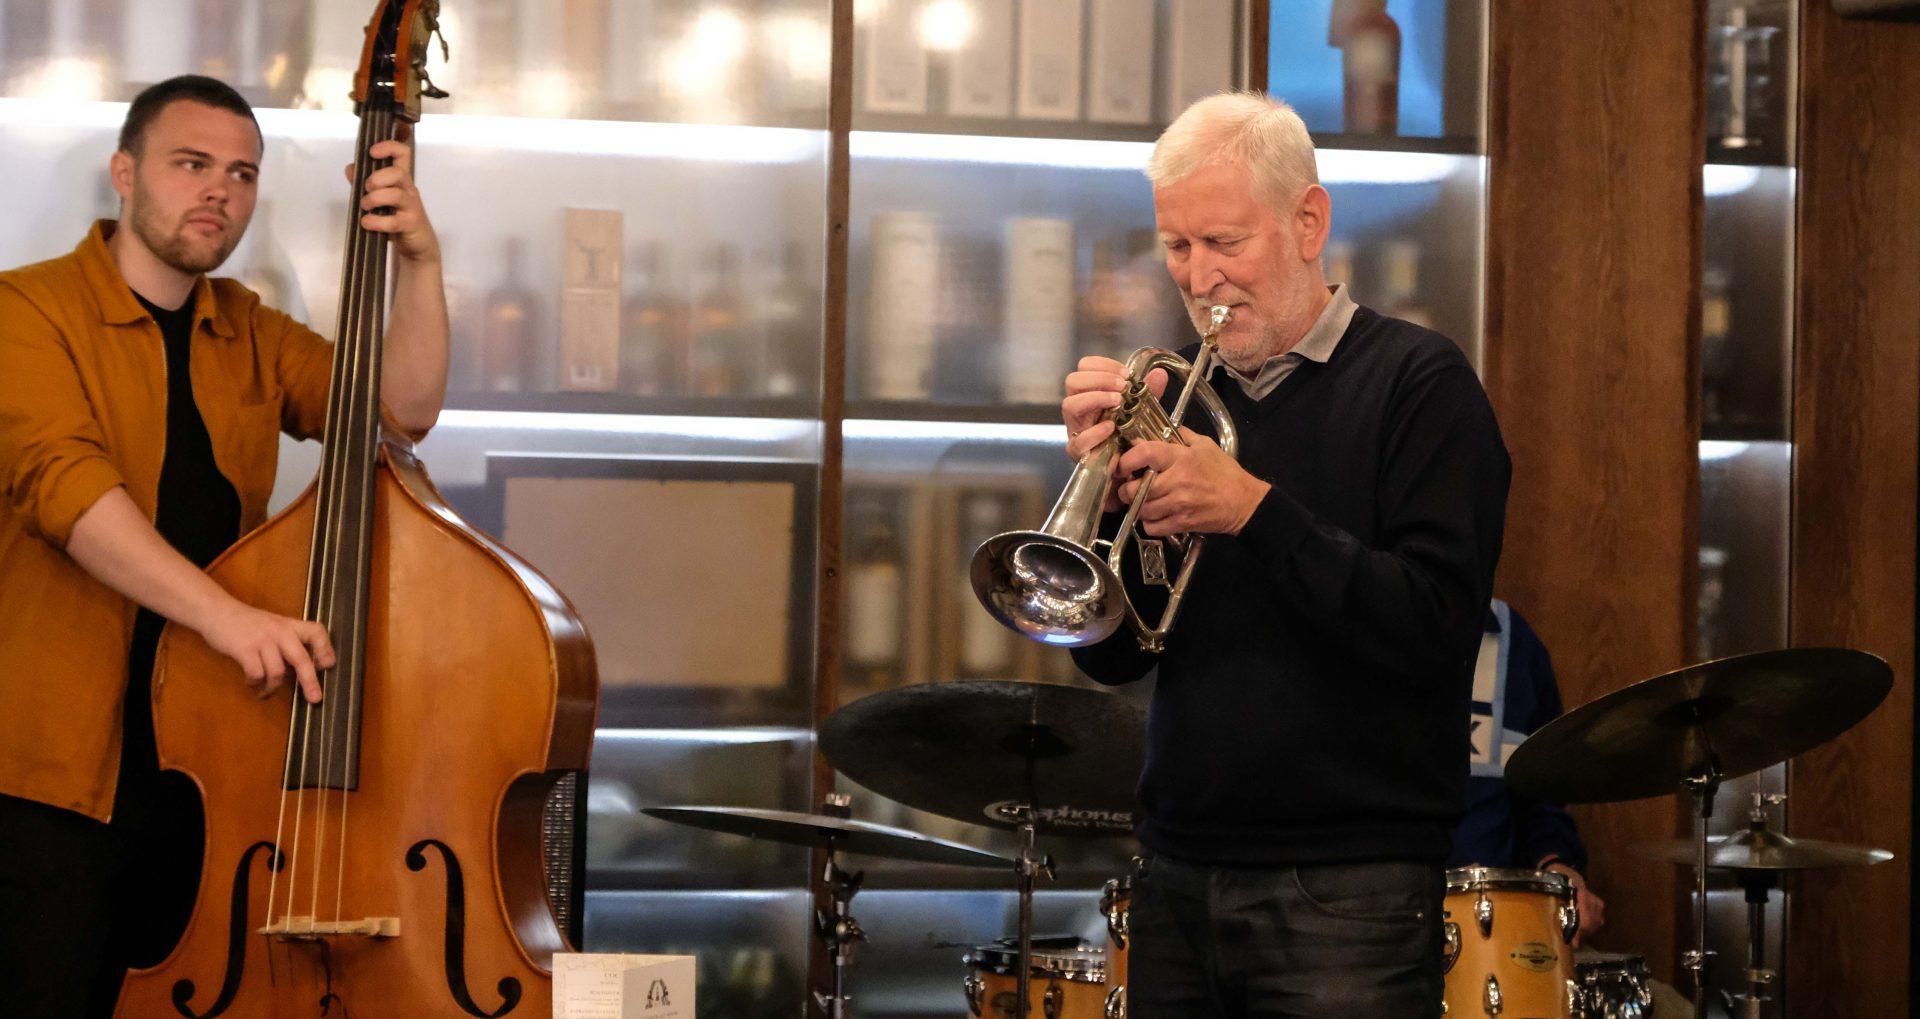 Søndagsjazz på Tir Na Nog: En returbillet til jazzens storhedstid